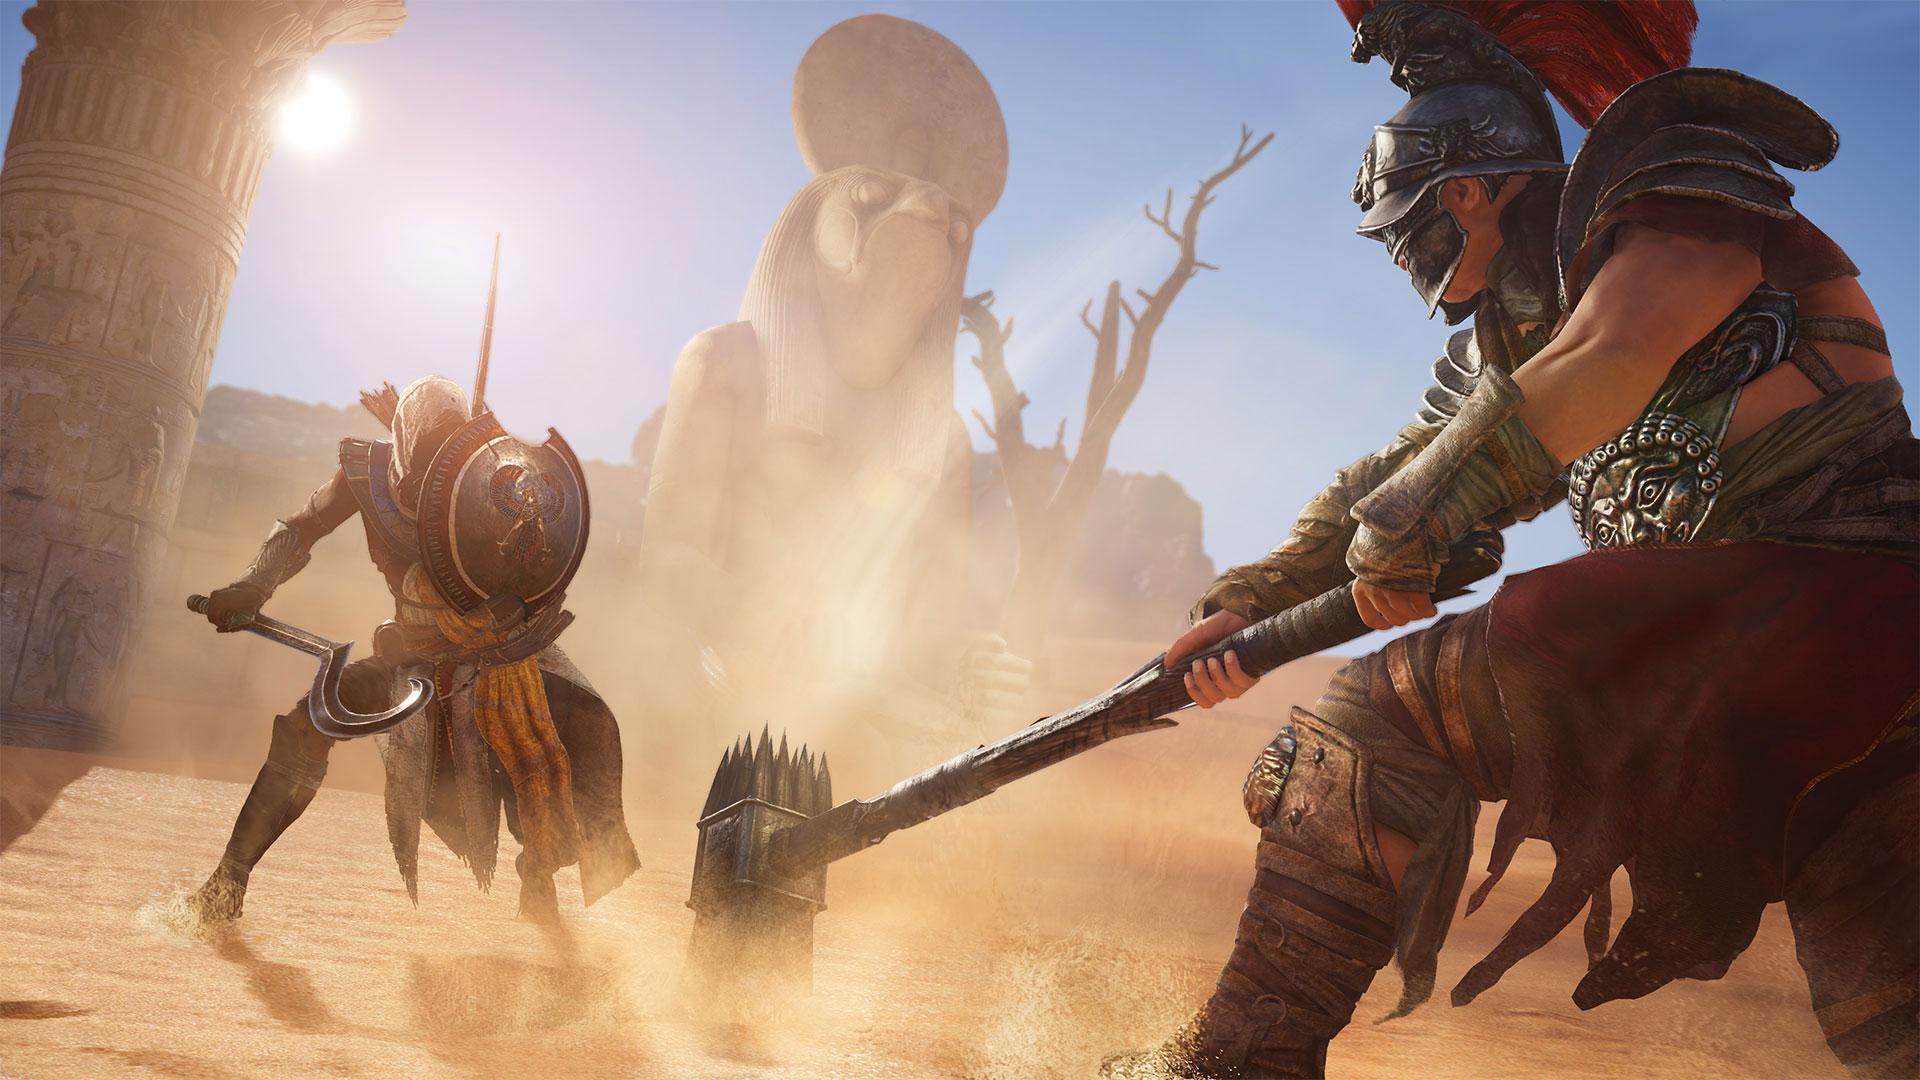 Хакеры пока не могут взломать двойную DRM-защиту от Ubisoft в Assassin's Creed: Origins